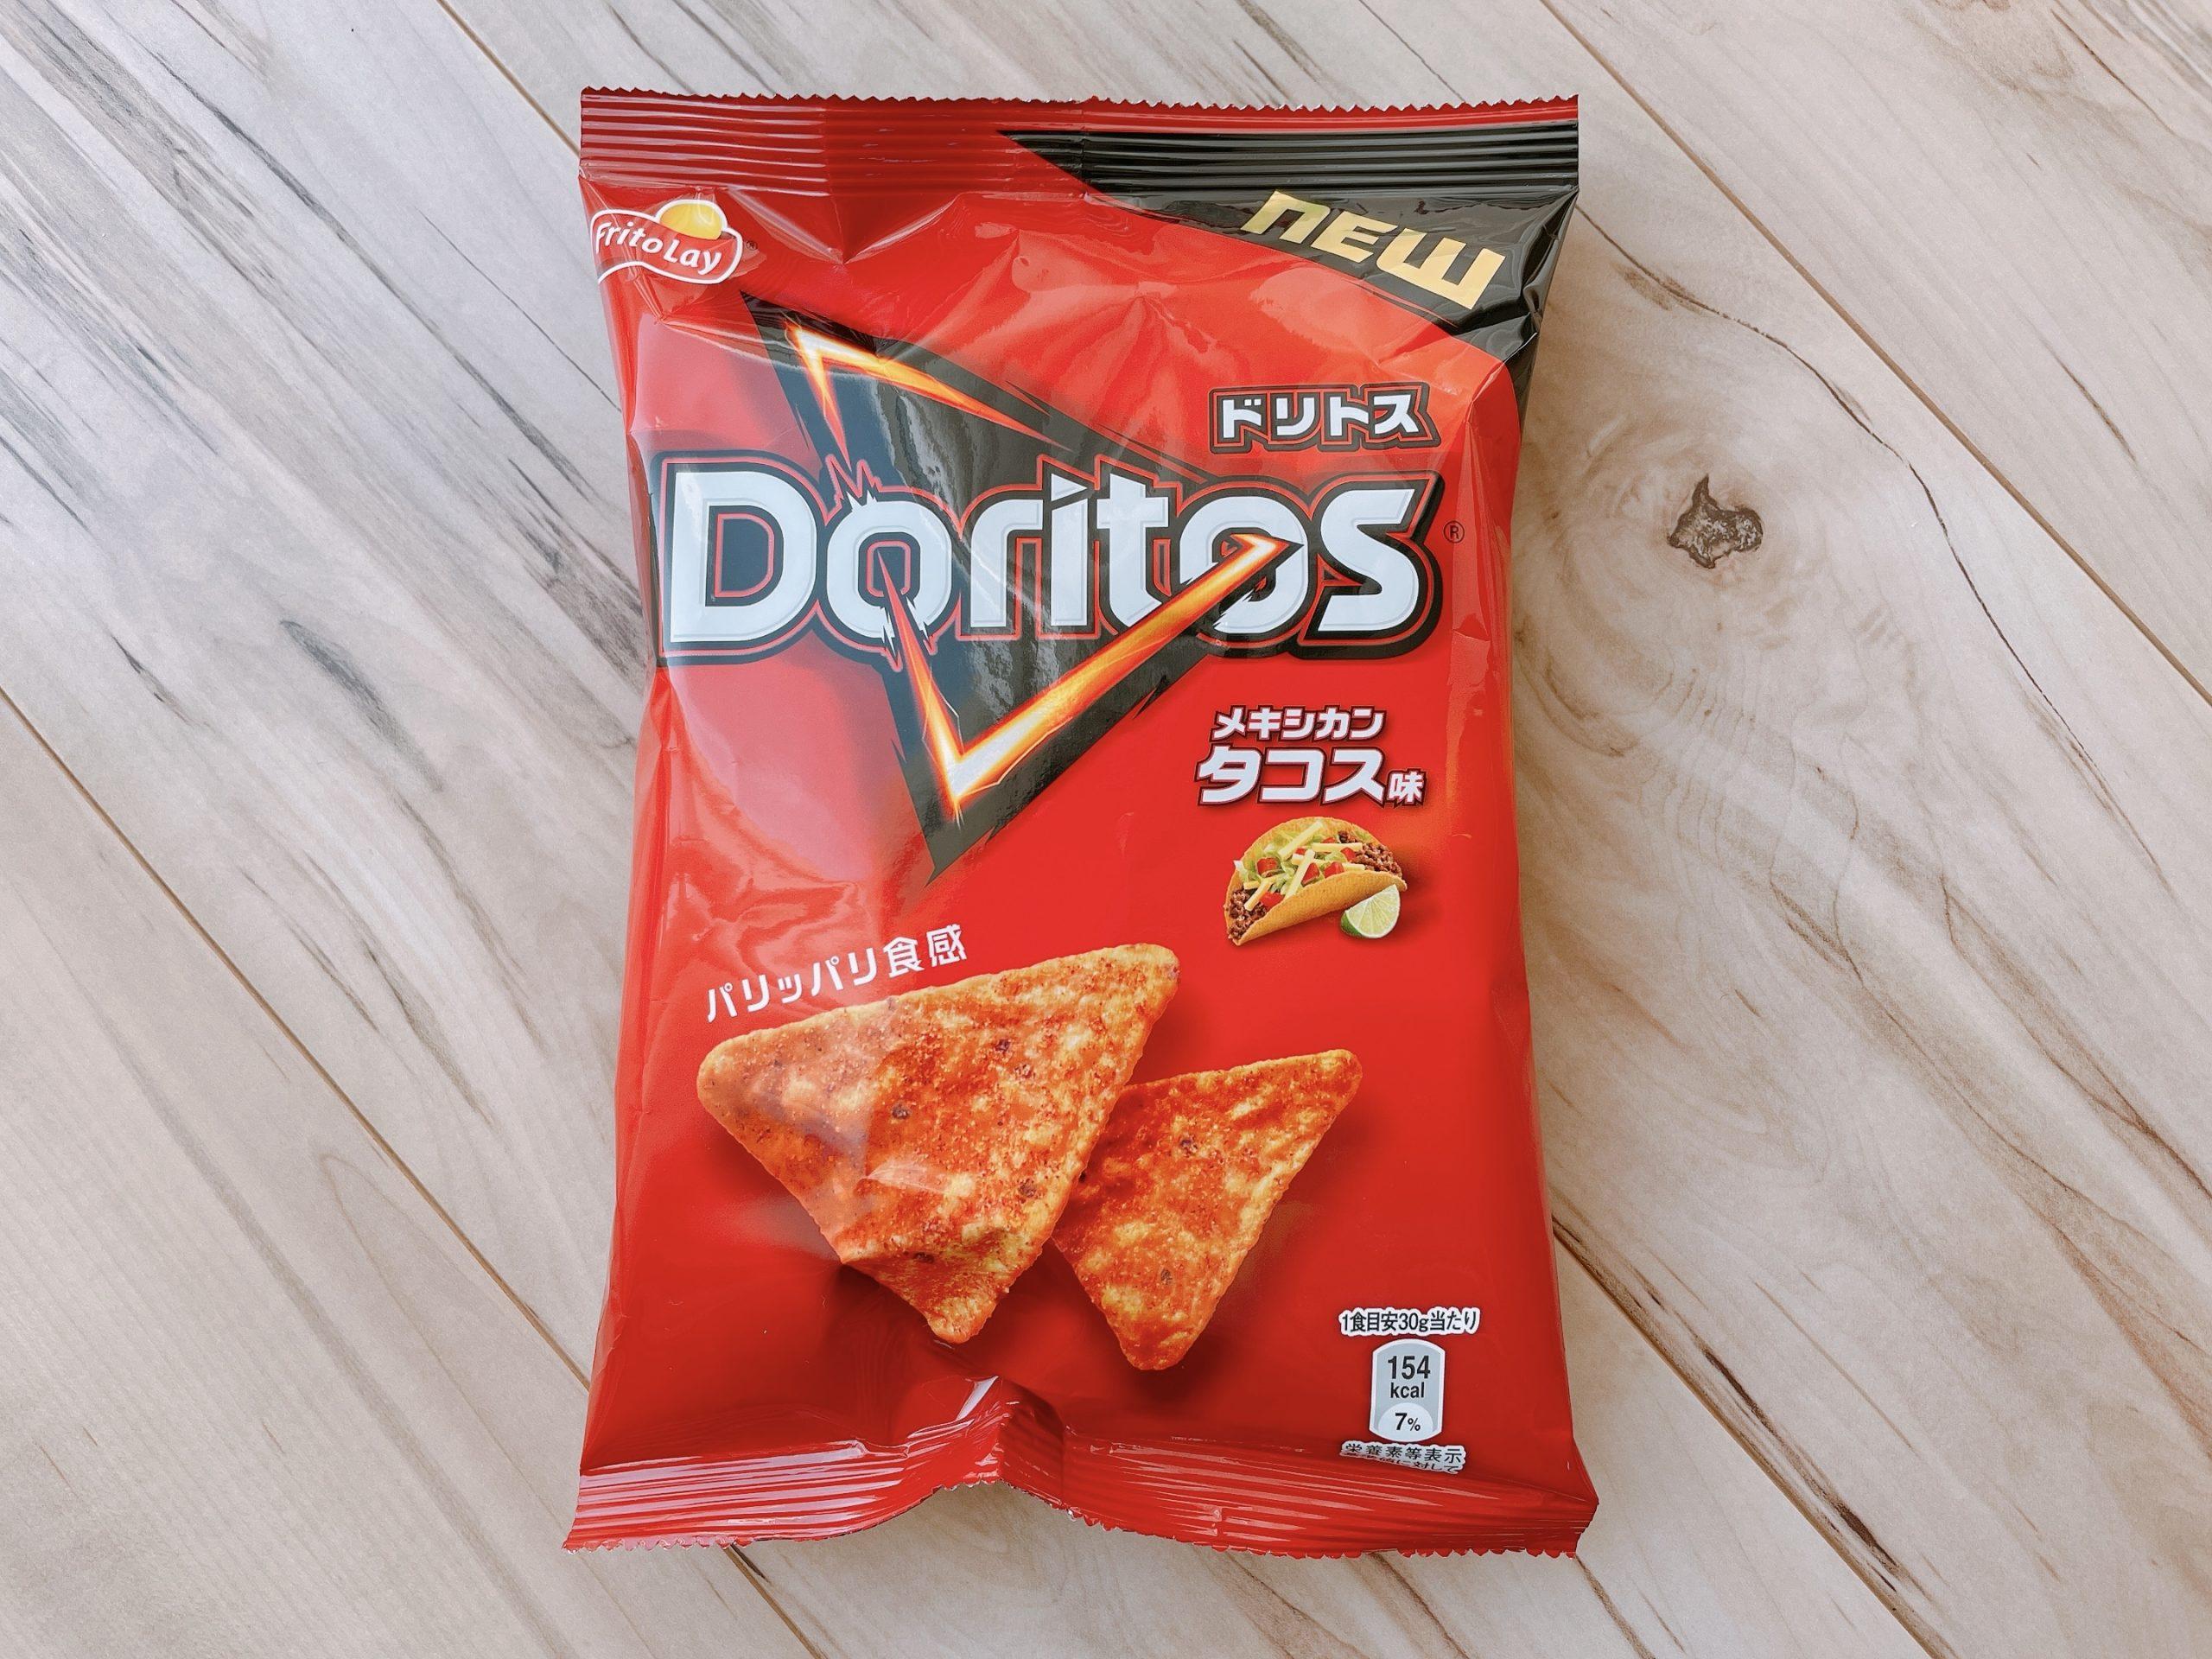 ドリトスのメキシカンタコス味パッケージ